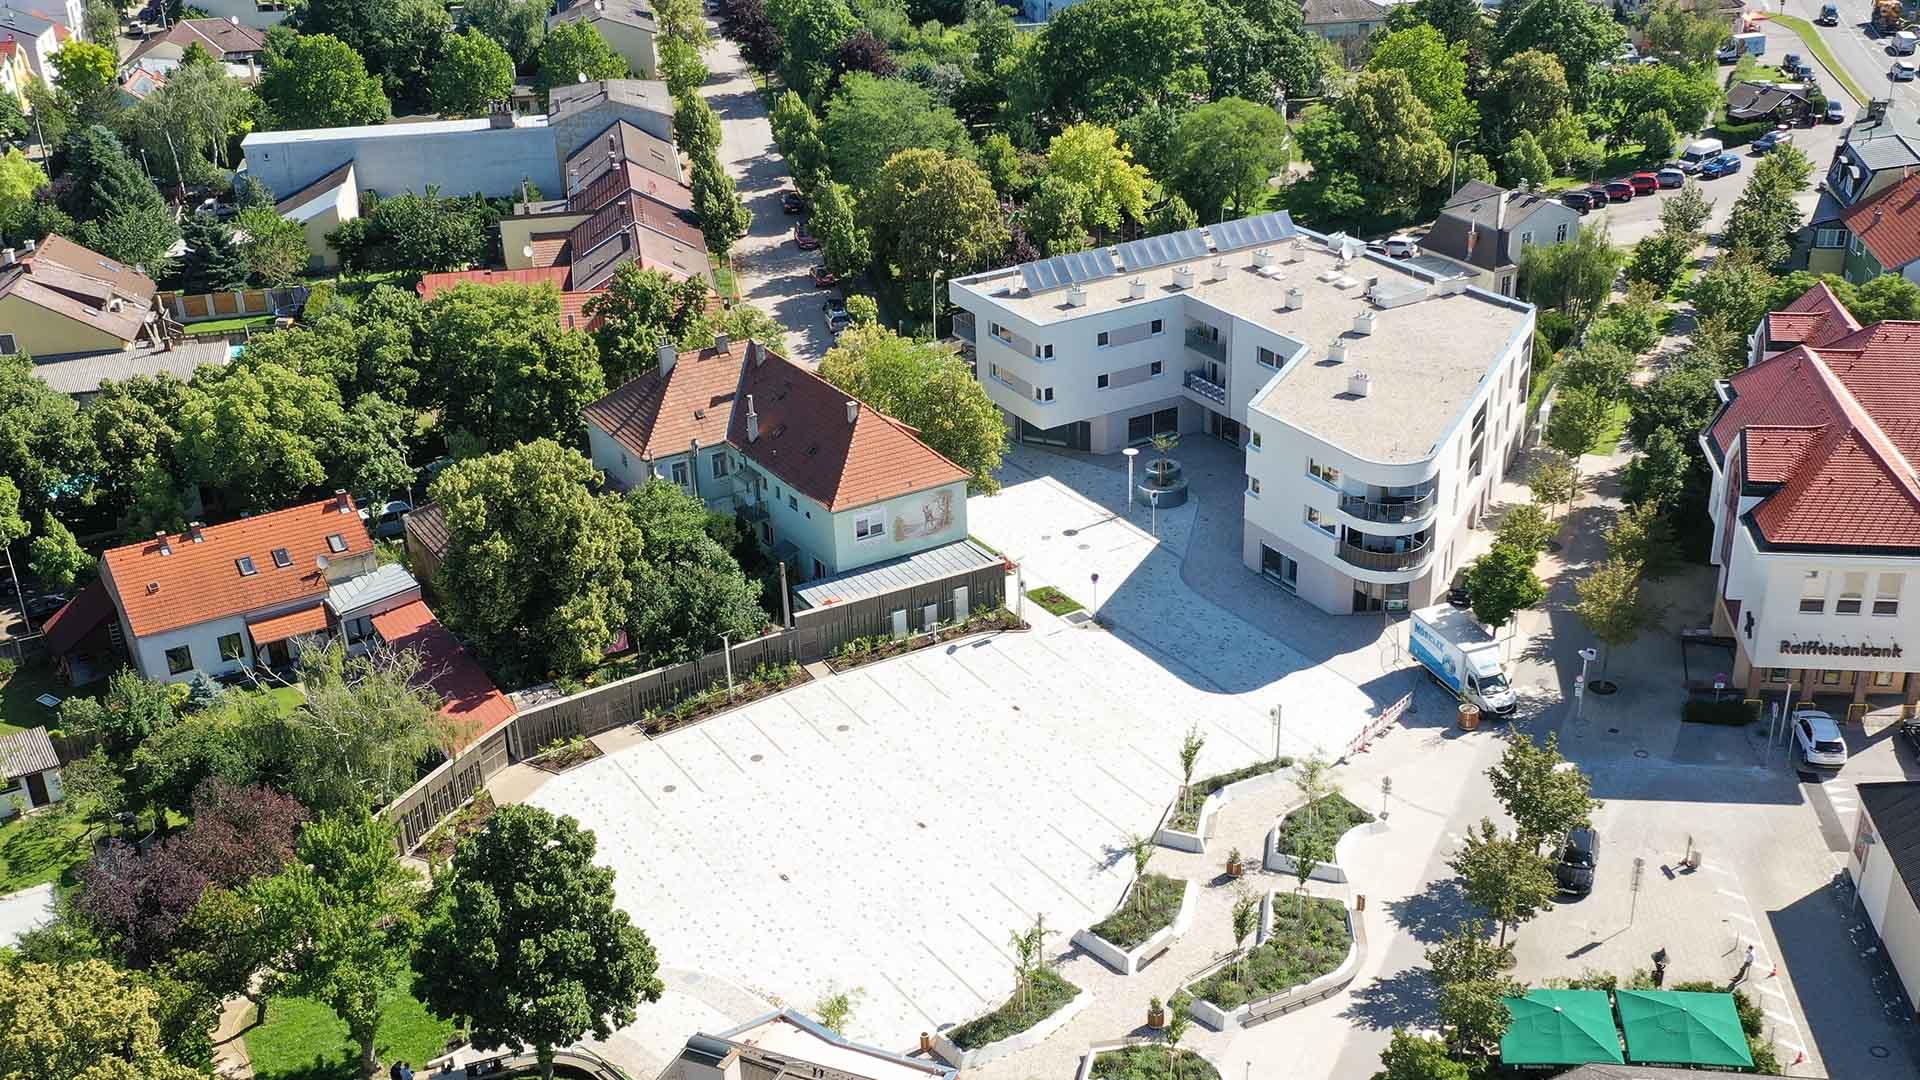 wohnhausanlage marktplatz deutsch wagram architektur